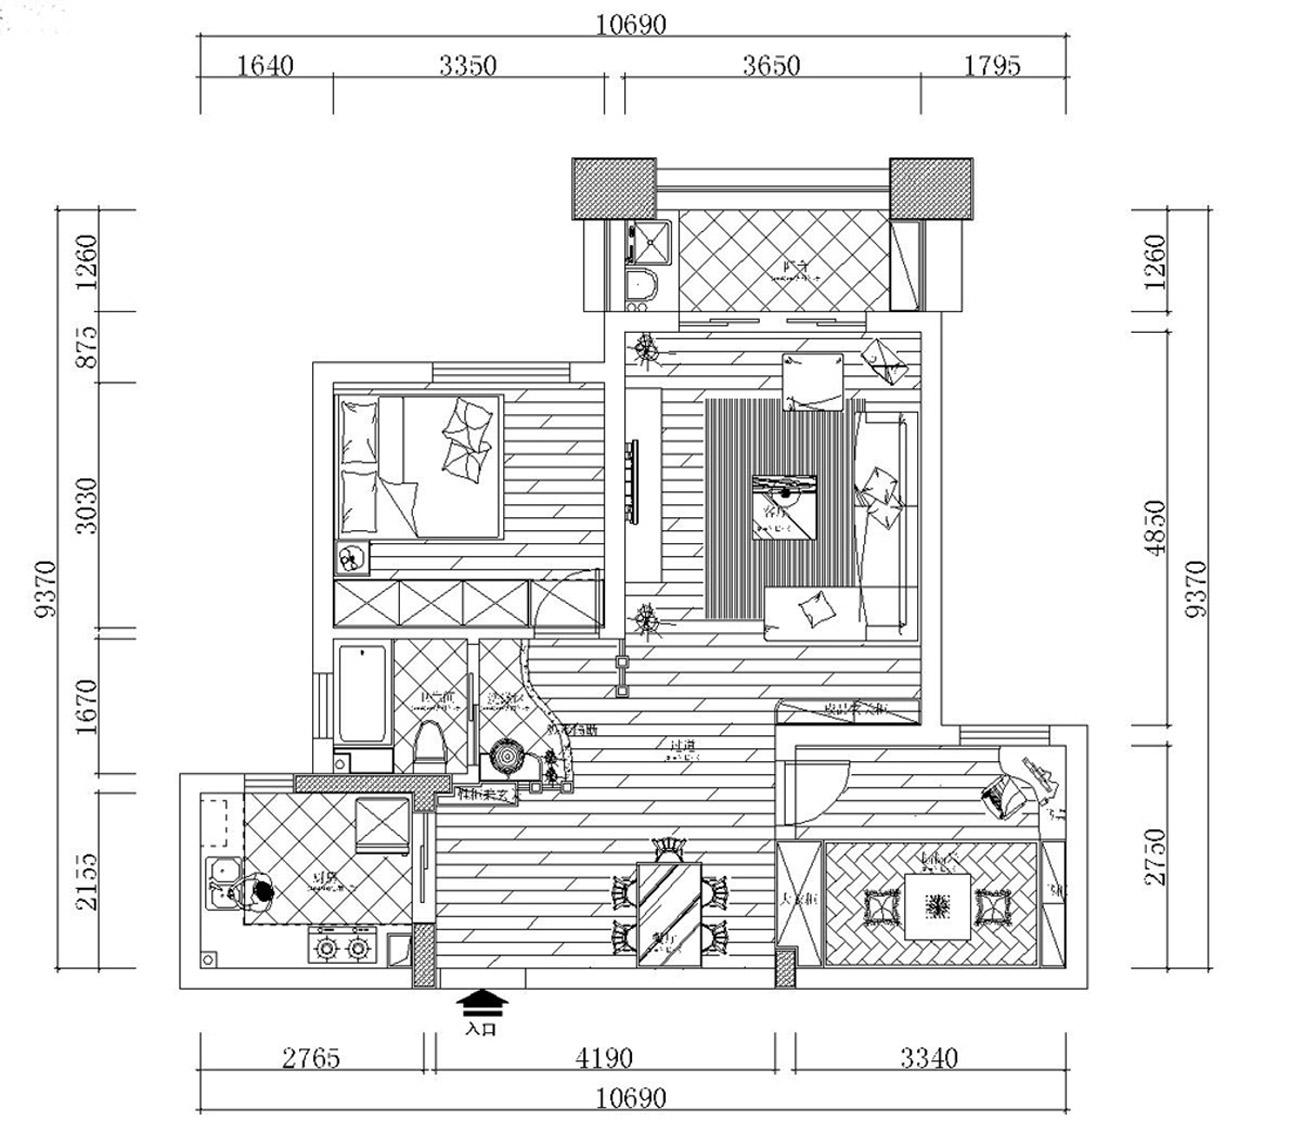 平面设计图   这个房子卫生间比较小,我又想放一个浴缸进去,于是